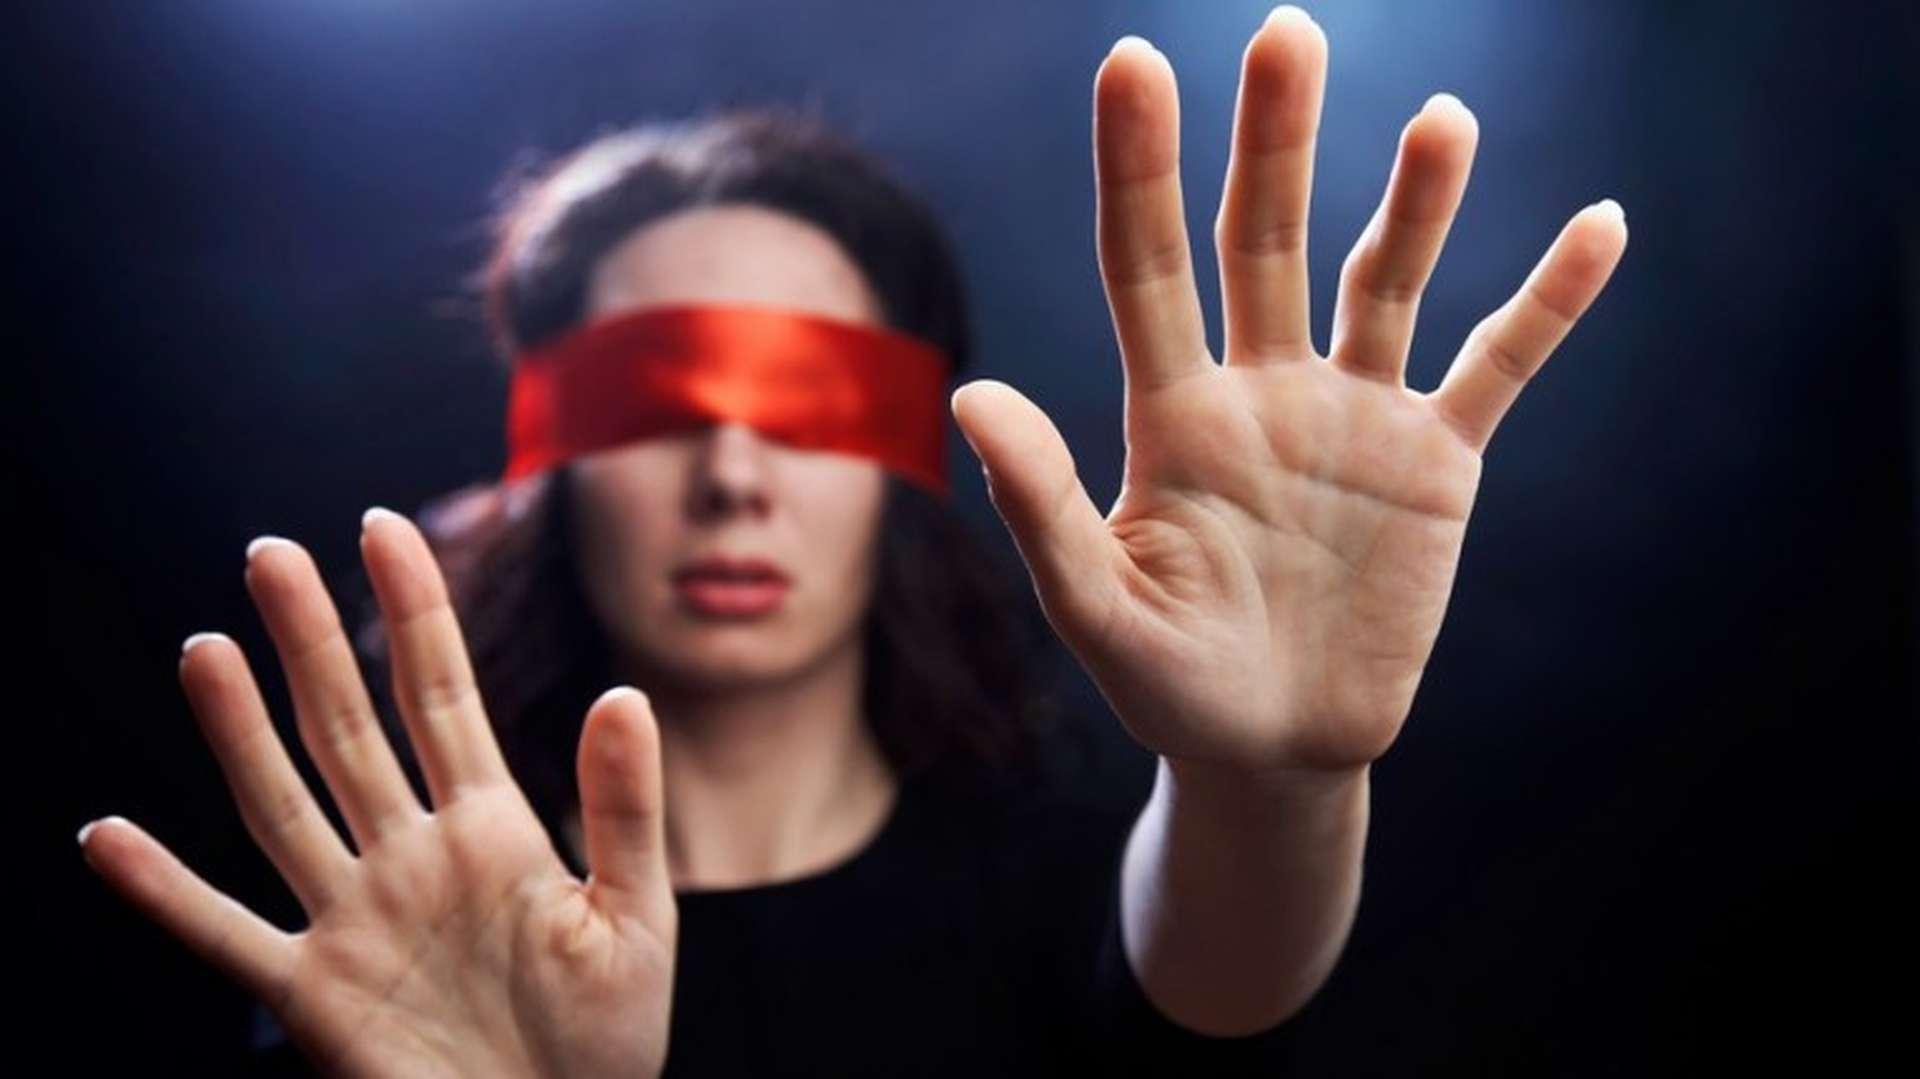 Não seja hipnotizado. Não entregue sua mente para ninguém!